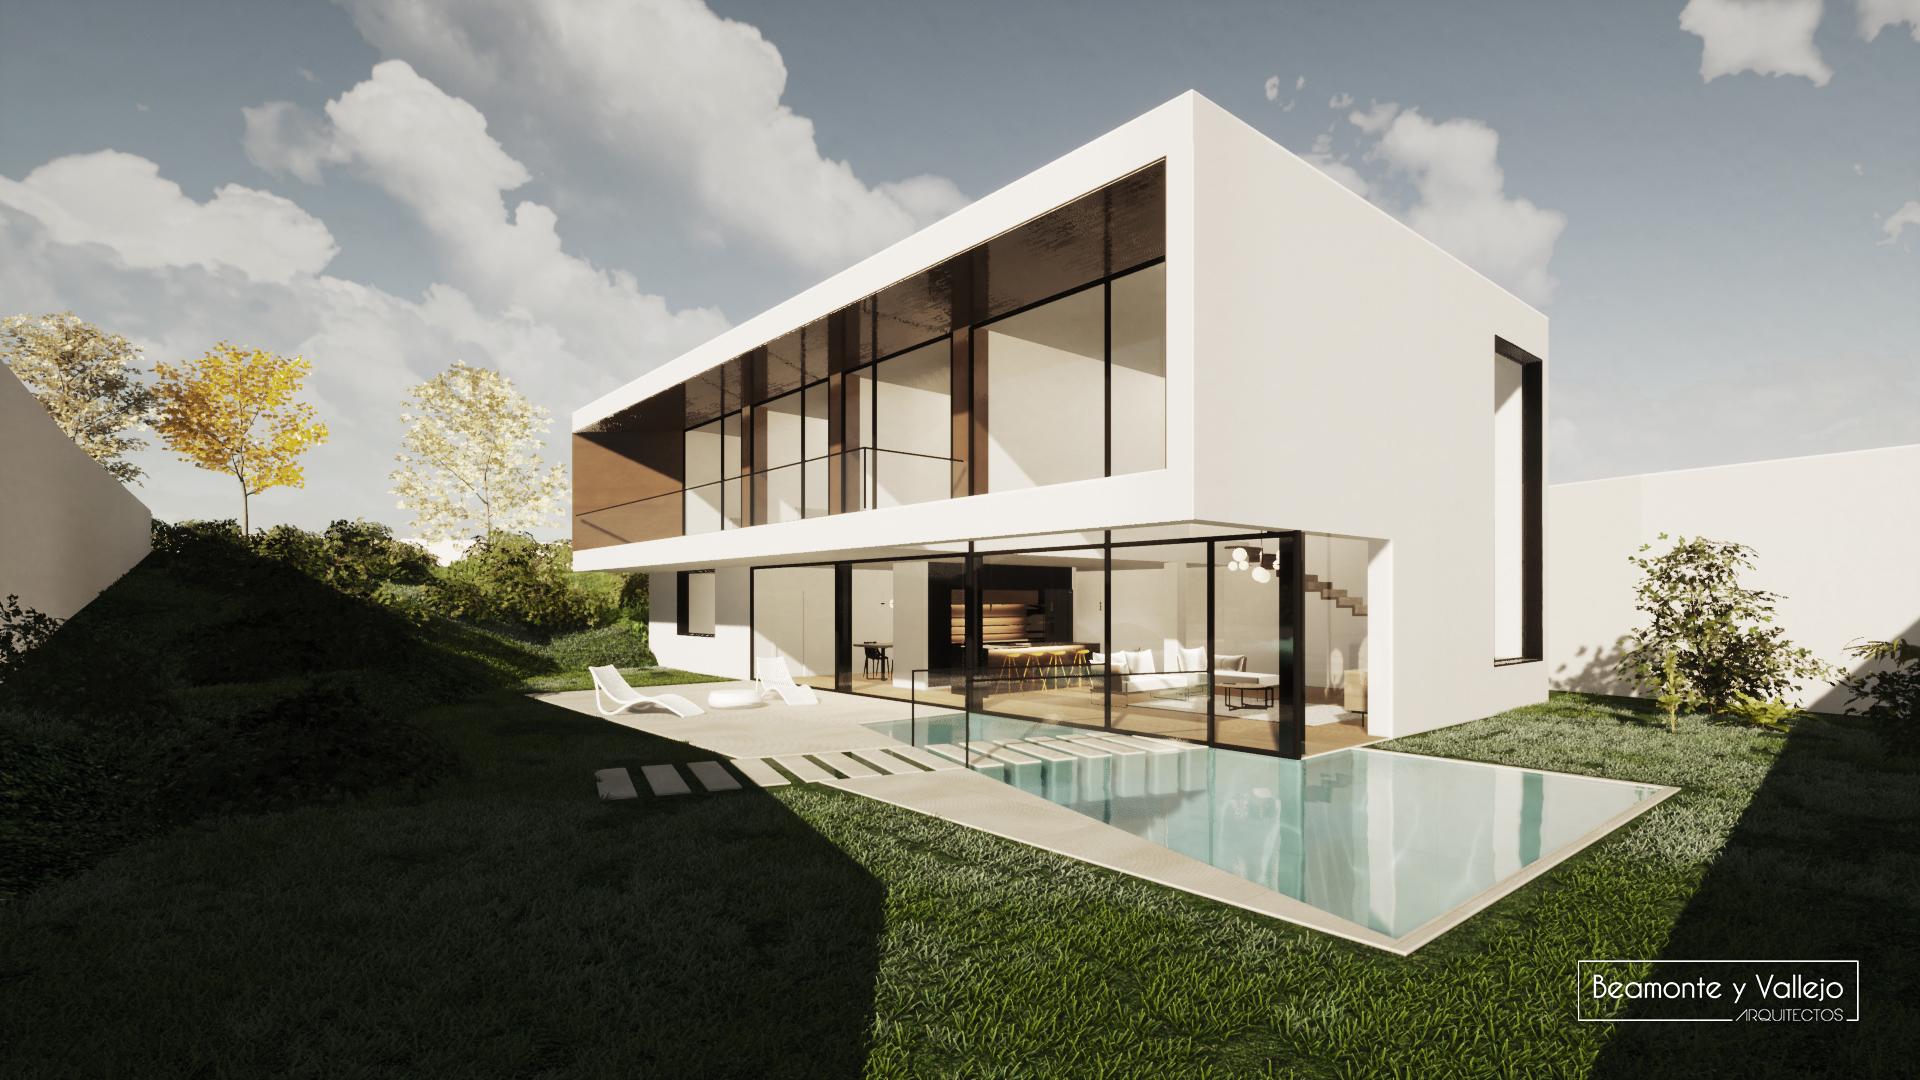 Beamonte y Vallejo arquitectos - Passivhaus, Colonia de San Lamberto (1)